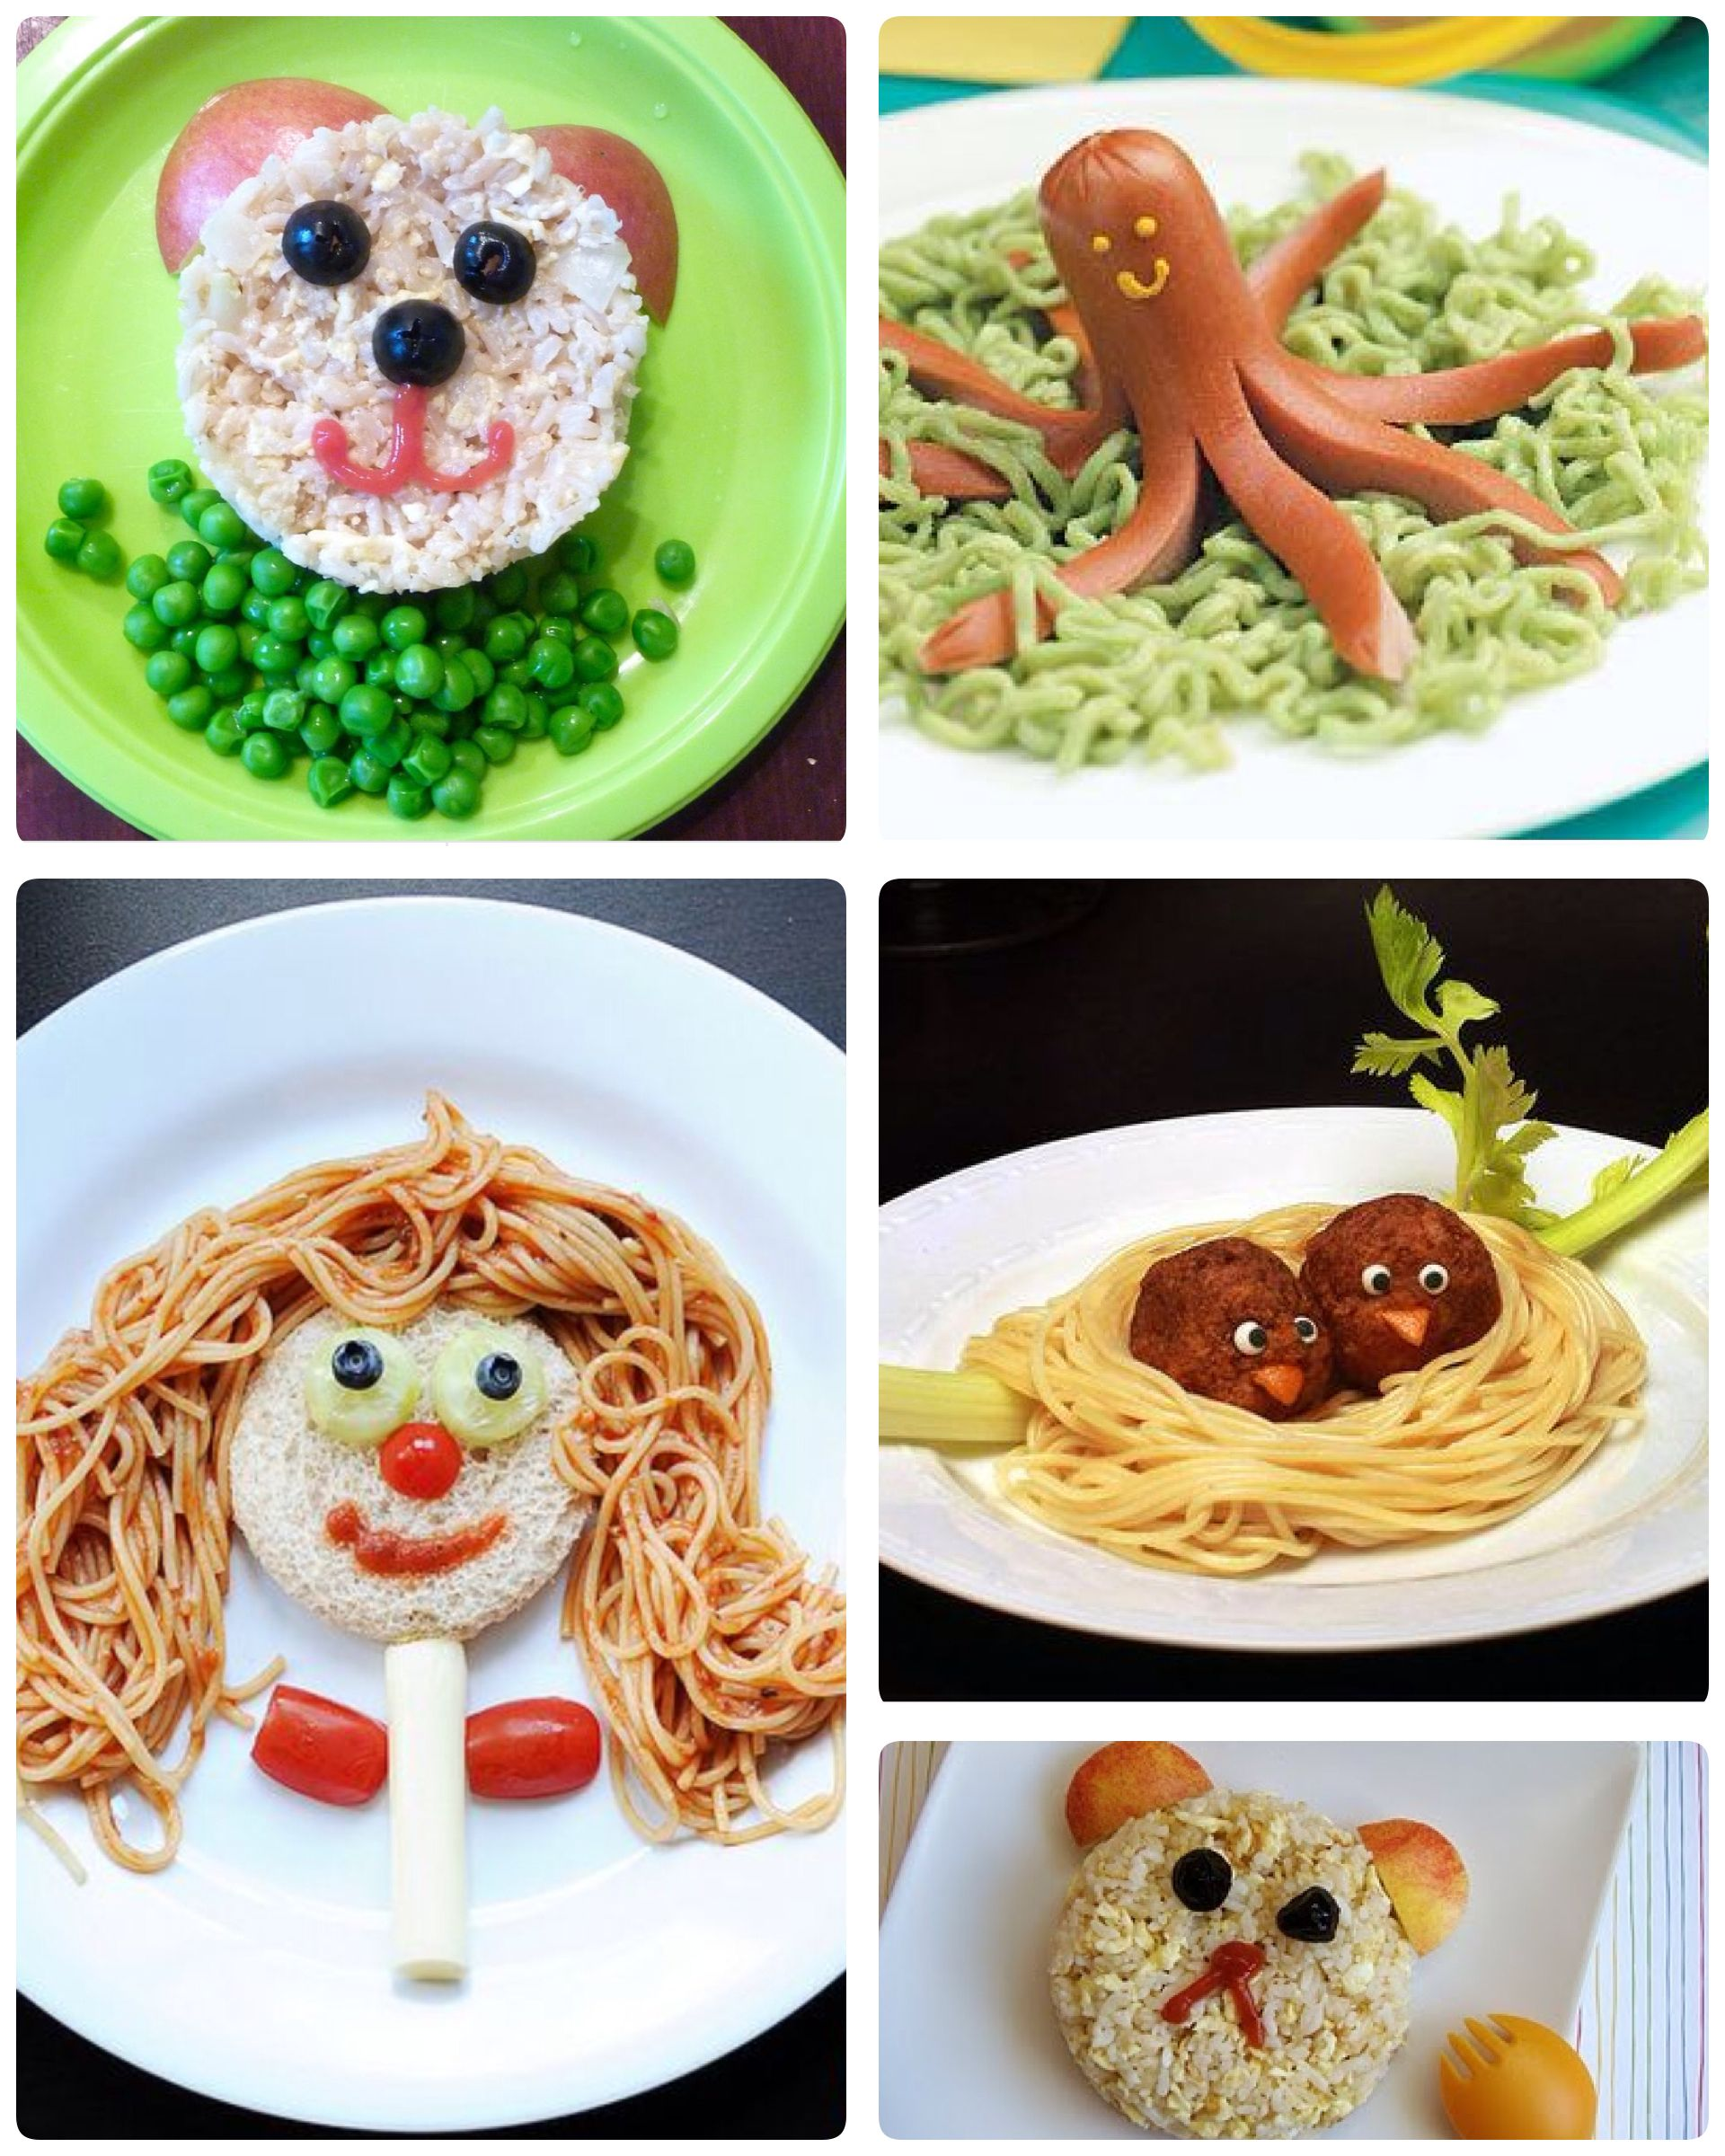 Decorar platos para ni os cumplea os comidas para - Comidas de cumpleanos infantiles ...